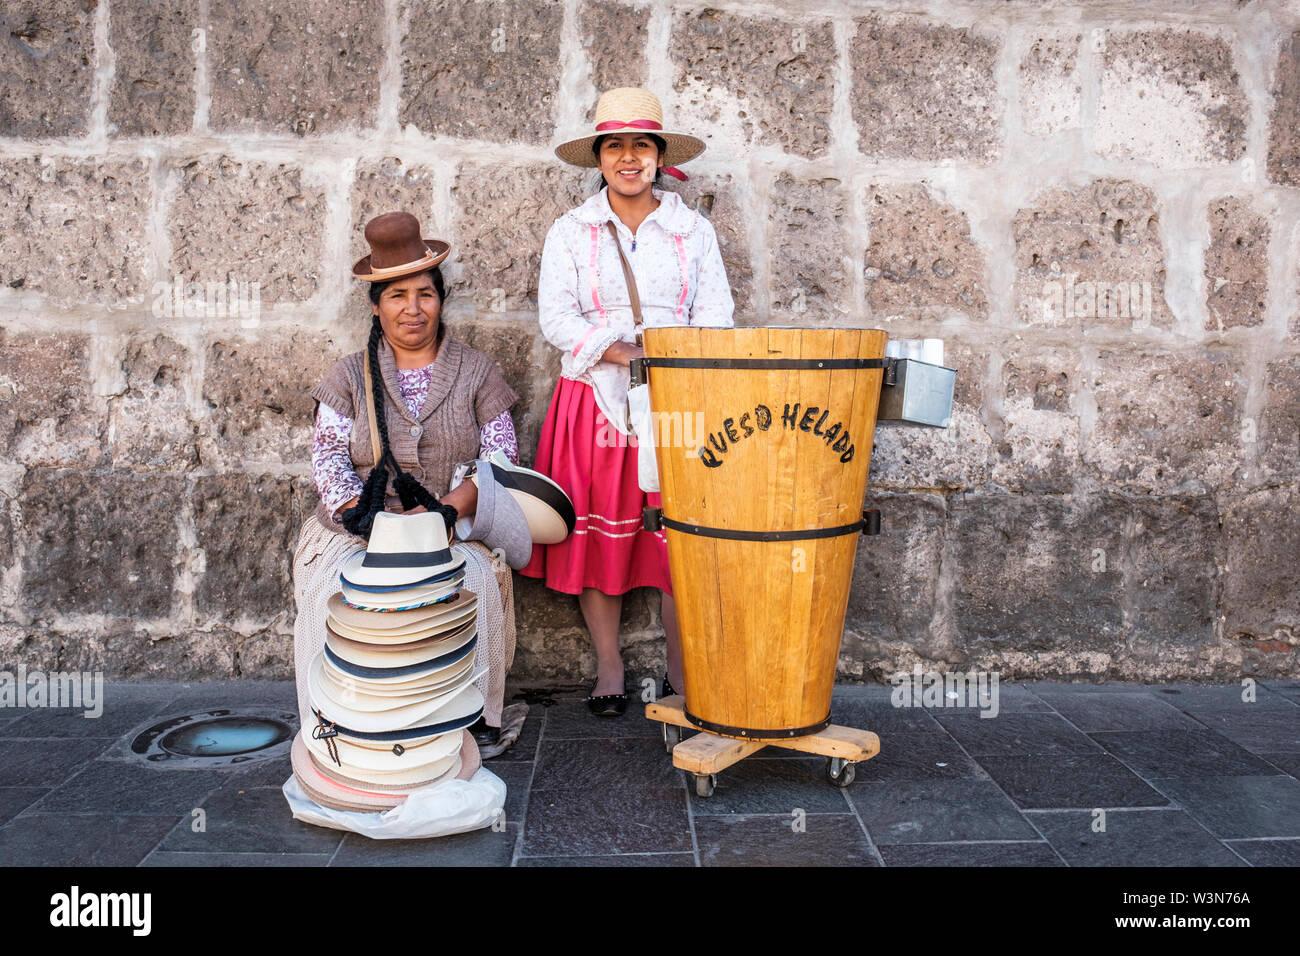 Los vendedores ambulantes. Las mujeres venden el queso helado (queso helado) y sombreros vestida con ropa tradicional peruano, Arequipa, Perú. Imagen De Stock